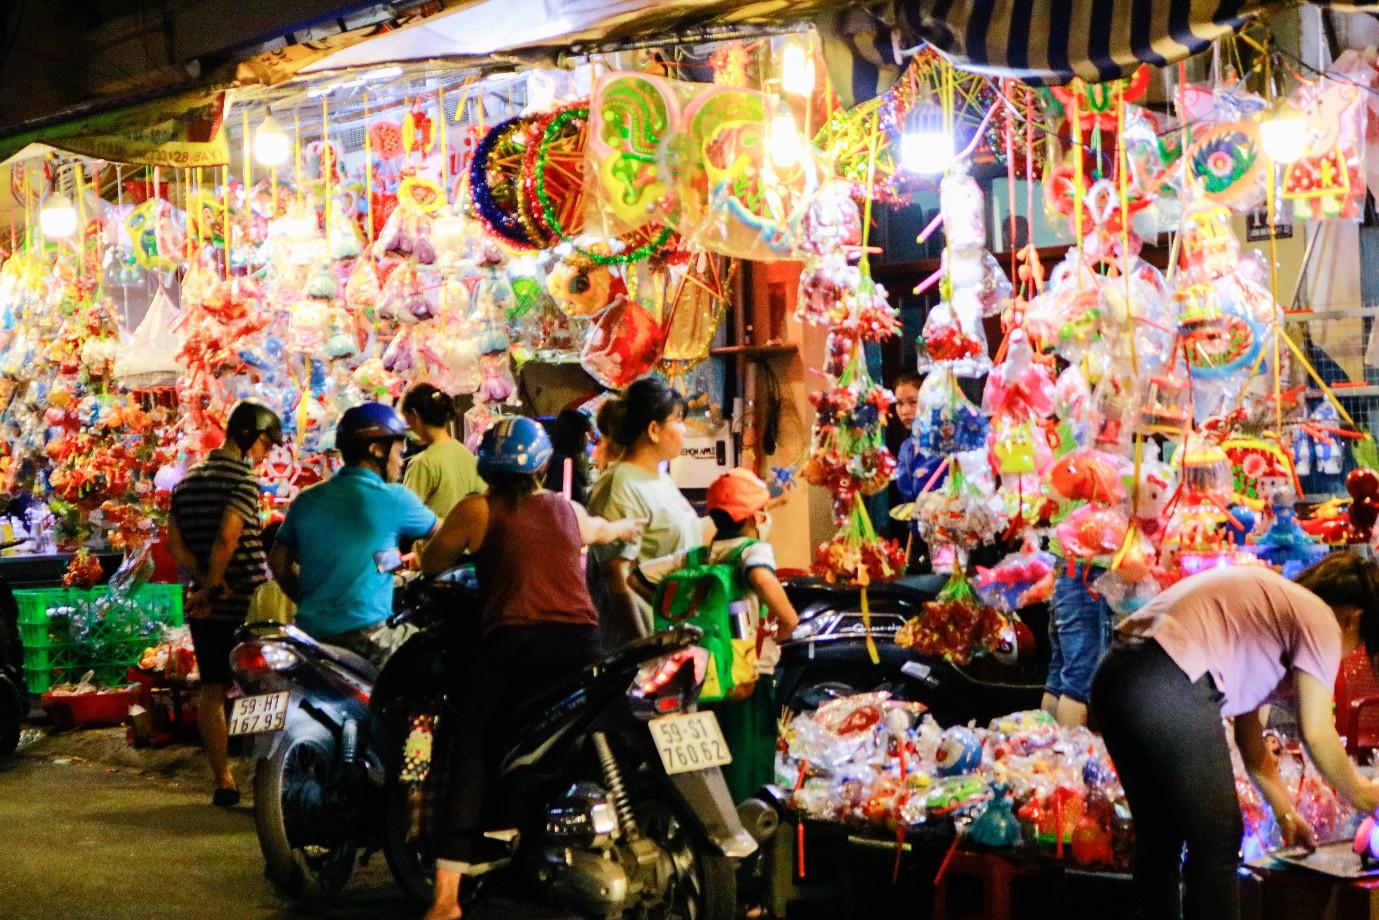 Rộn ràng phố lồng đèn nổi tiếng nhất Sài Gòn mùa Trung thu - Ảnh 1.